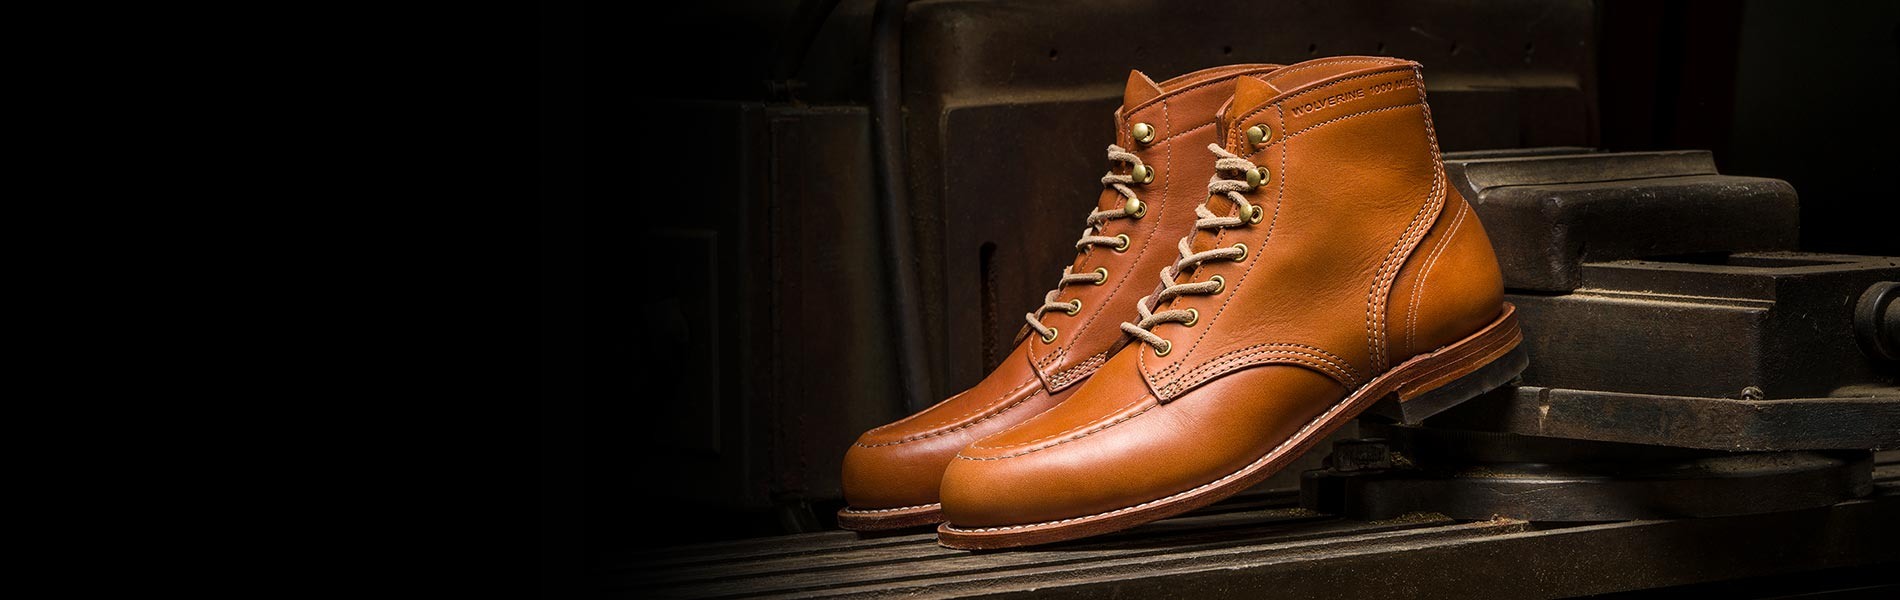 4480ce22496 Men's 1000 Mile 1940 Boot